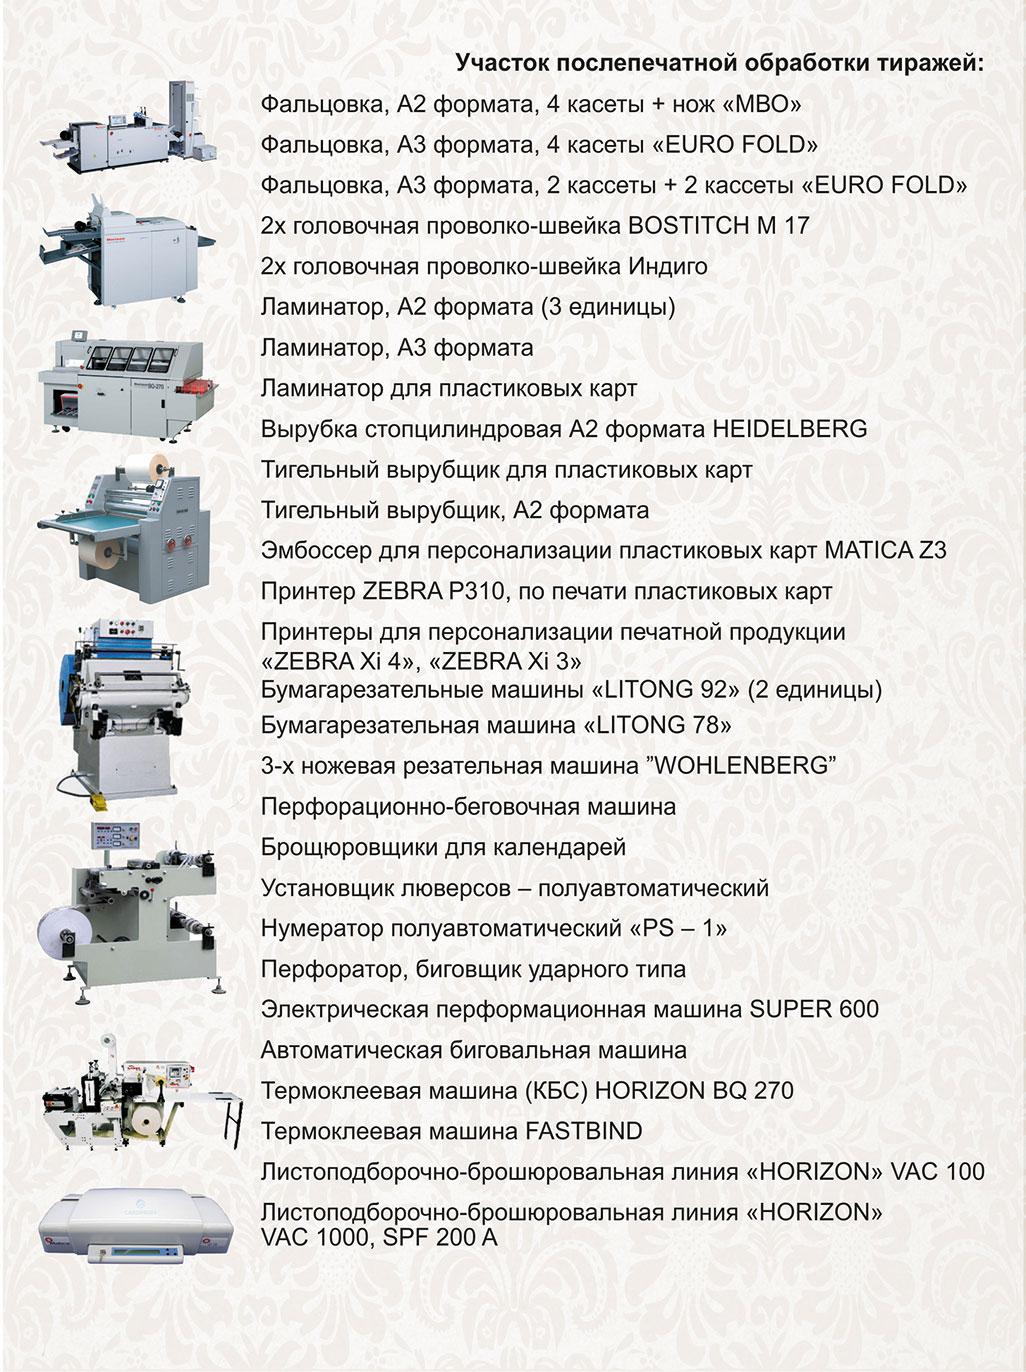 Оборудование типографии